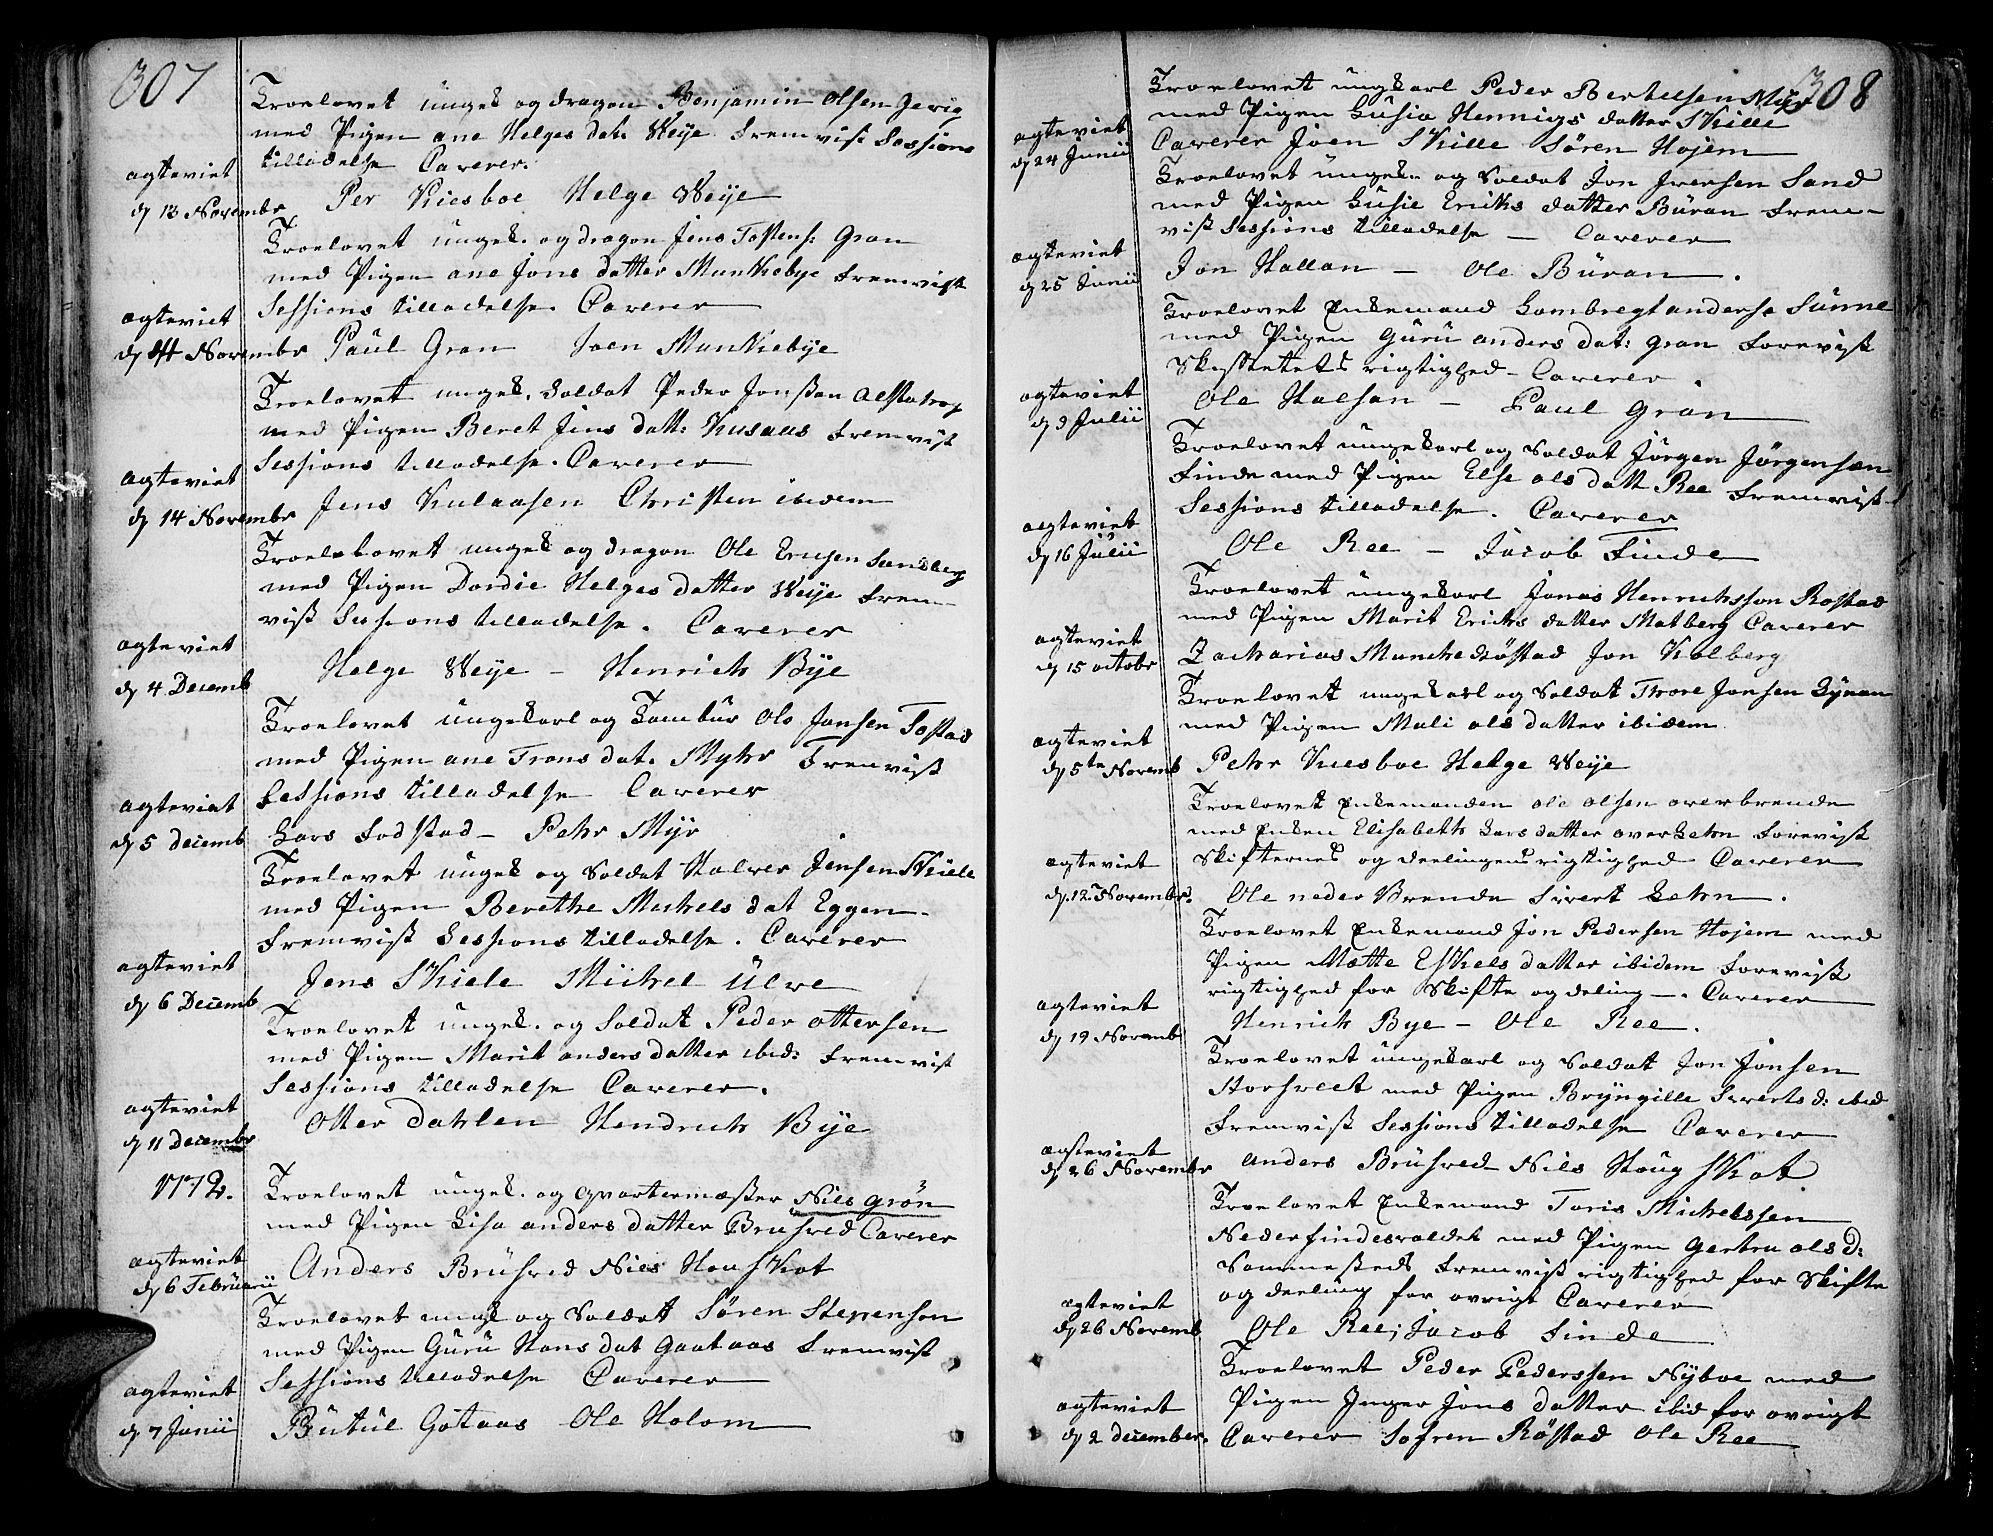 SAT, Ministerialprotokoller, klokkerbøker og fødselsregistre - Nord-Trøndelag, 717/L0141: Ministerialbok nr. 717A01, 1747-1803, s. 307-308